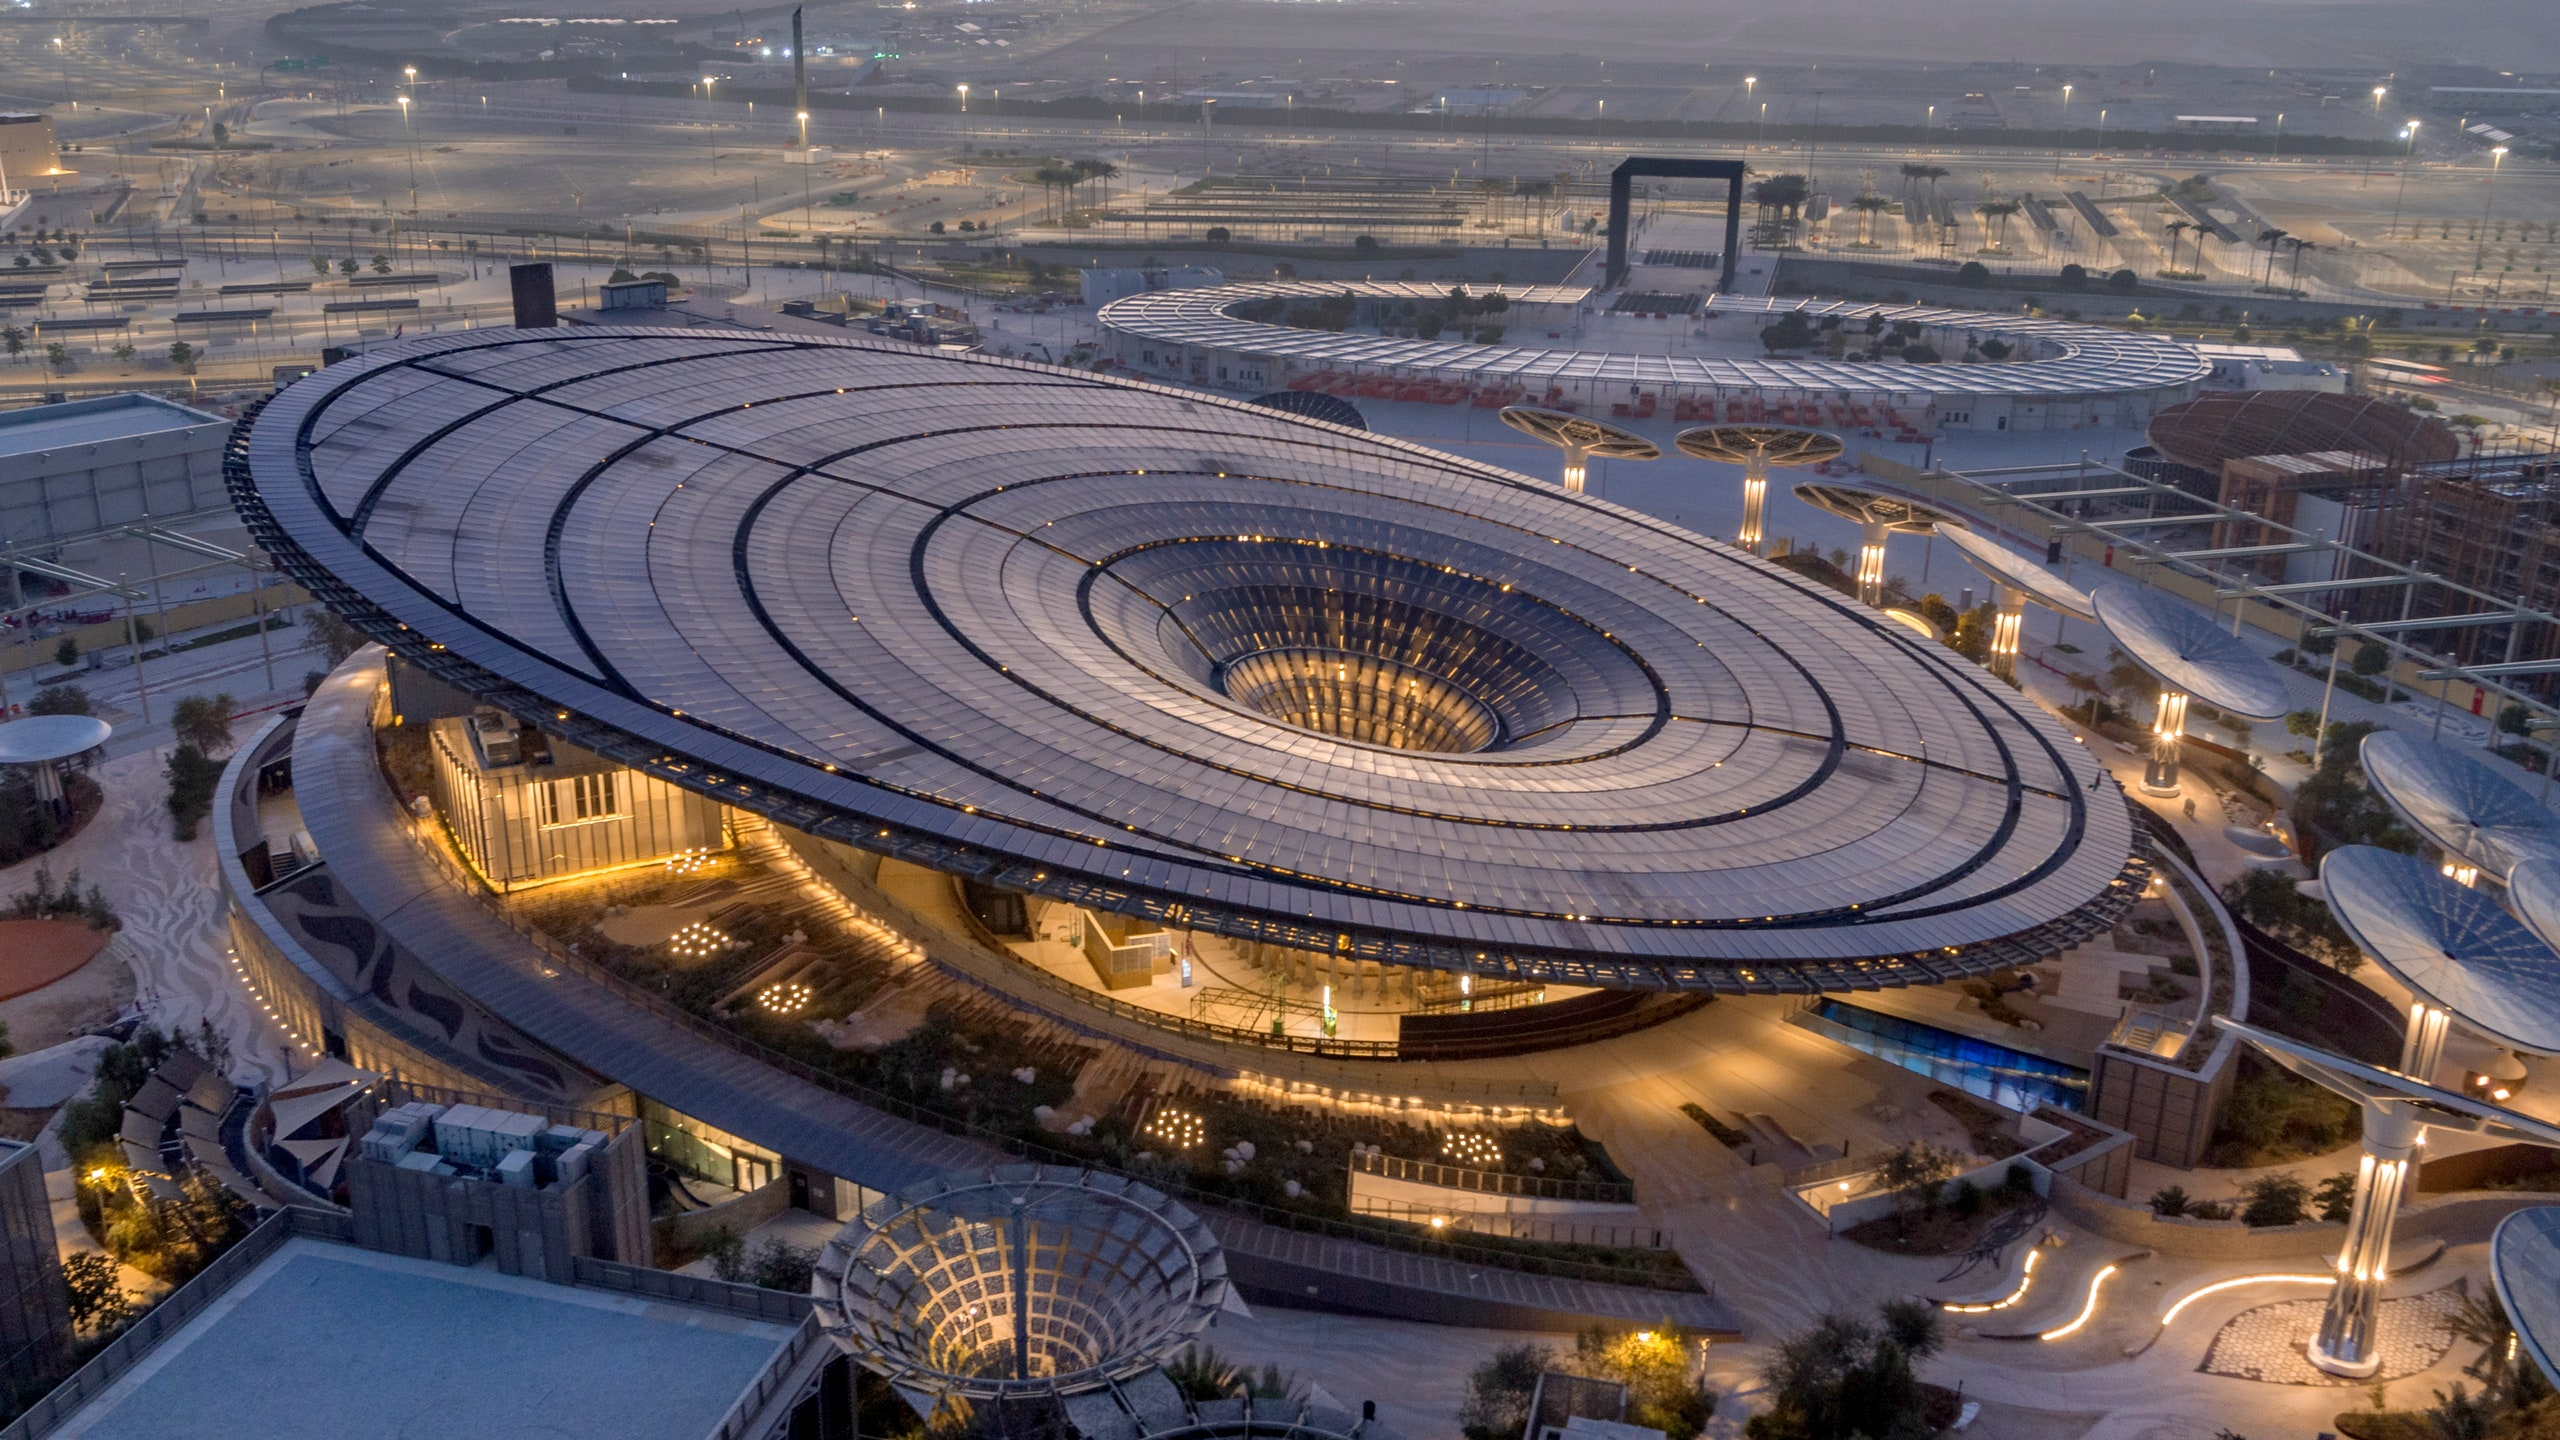 EXPO 2020 Dubai (Oct 2021 - March 2021)